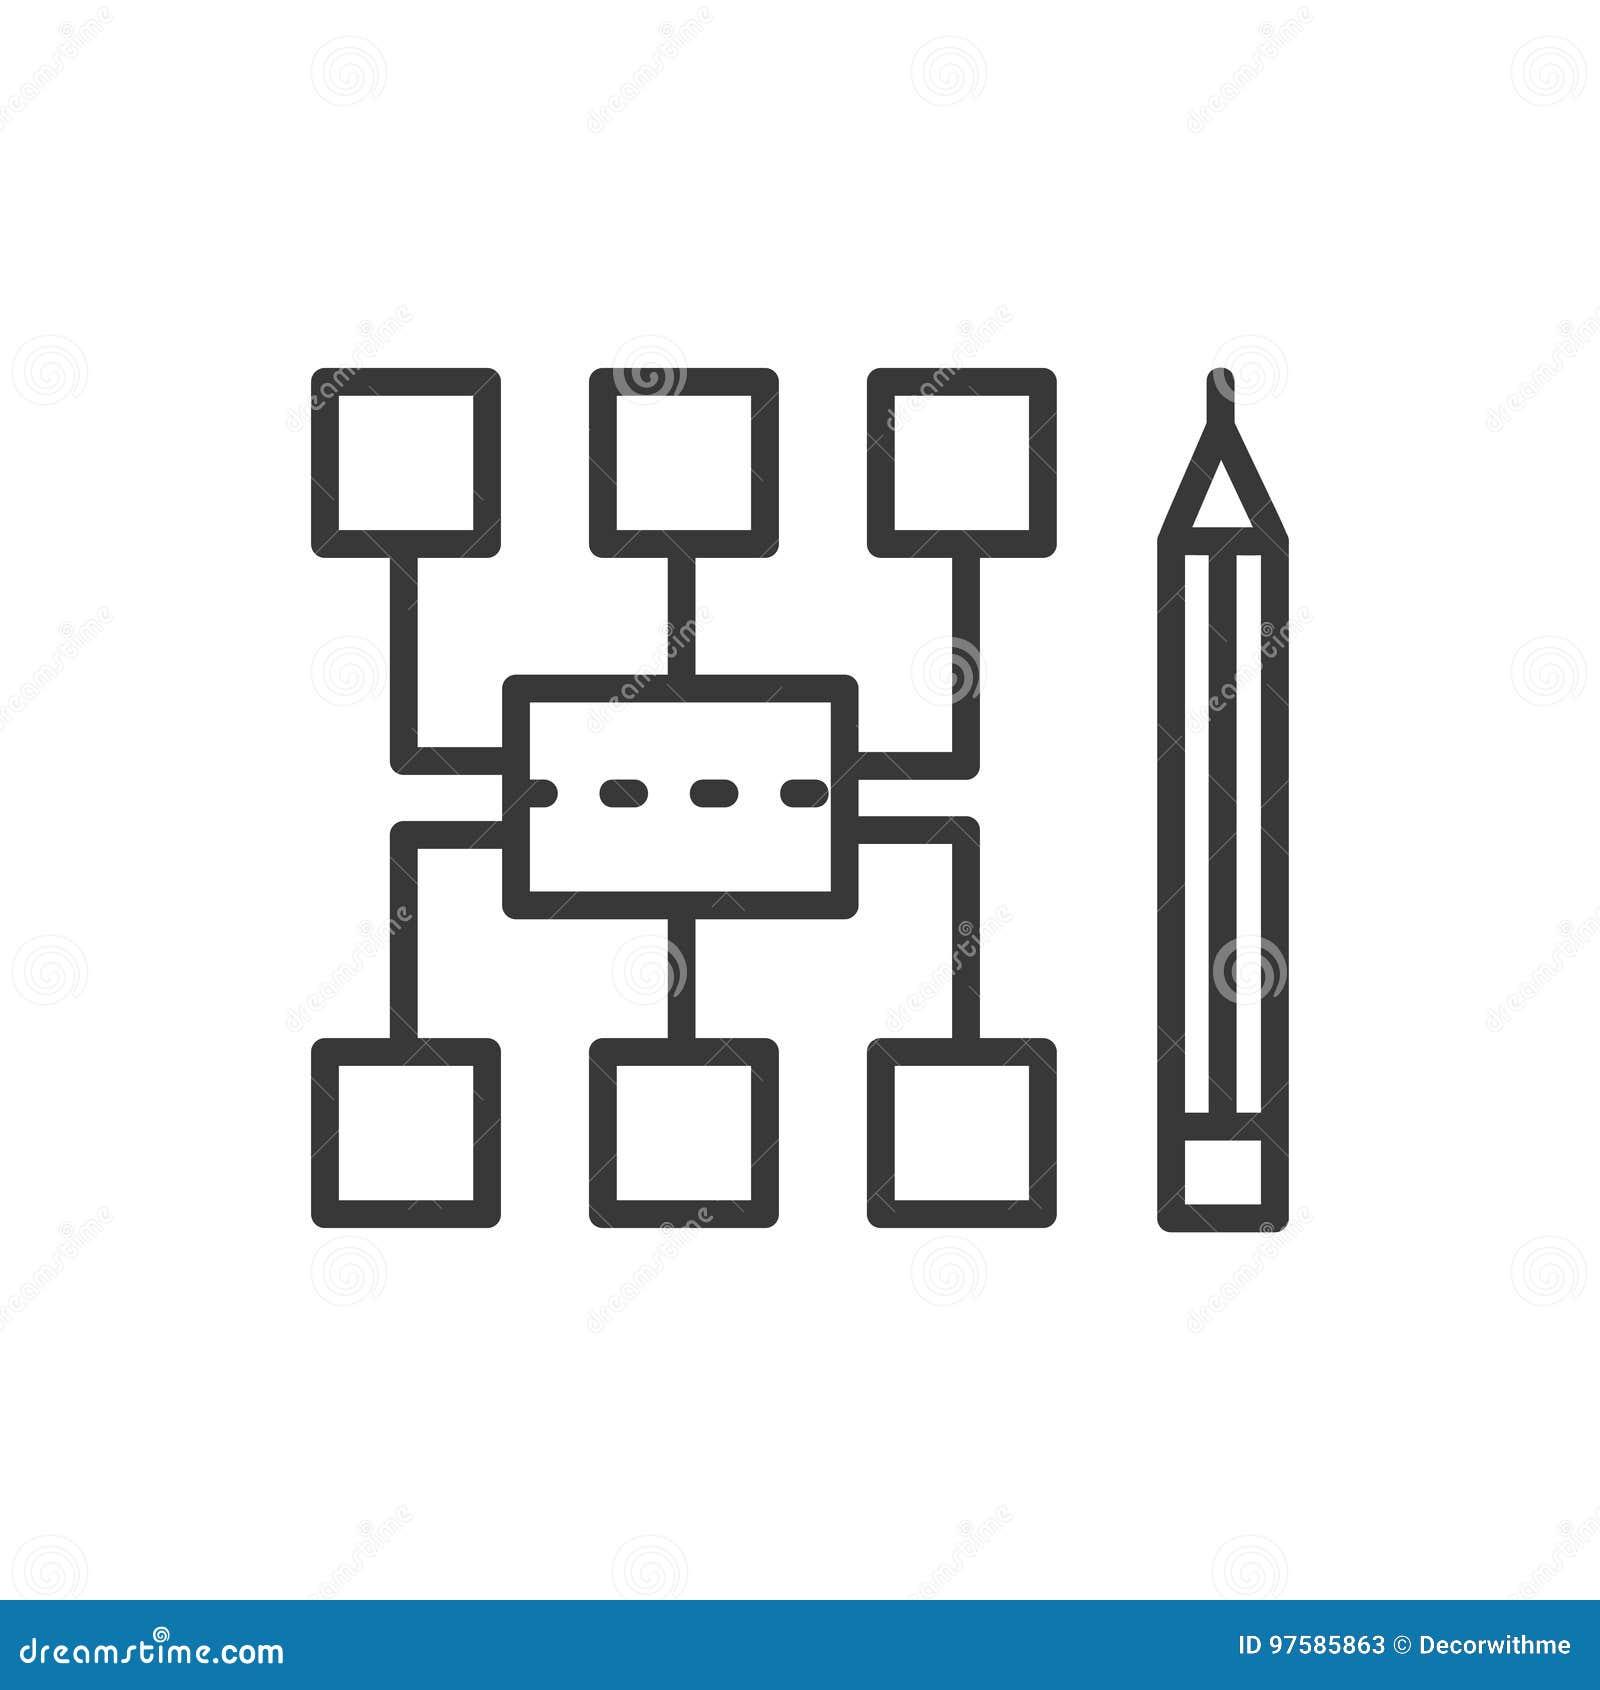 Sitemap - modern vector line design icon.